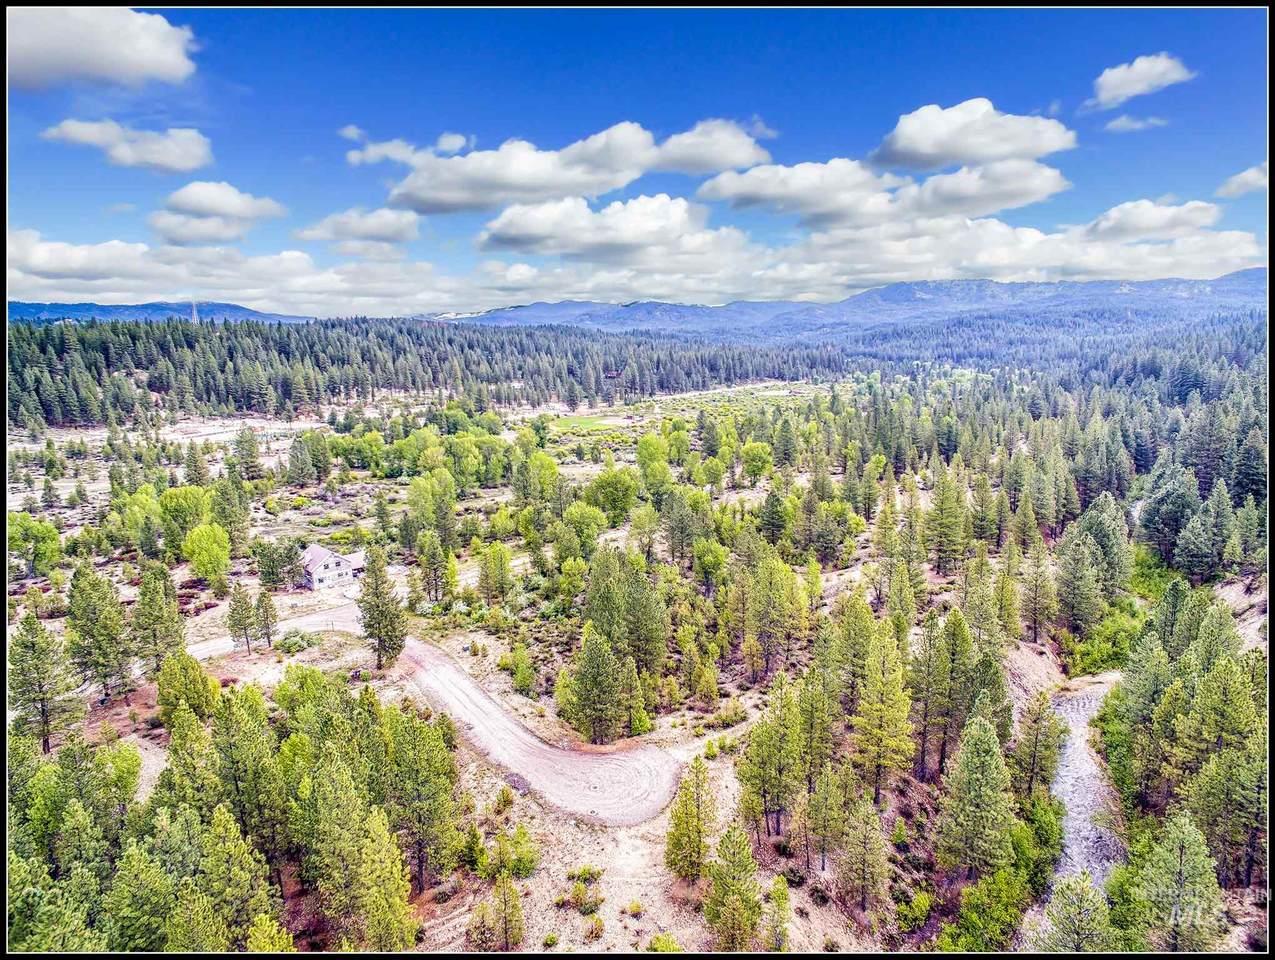 Lot 64 Mores Creek Dr - Photo 1